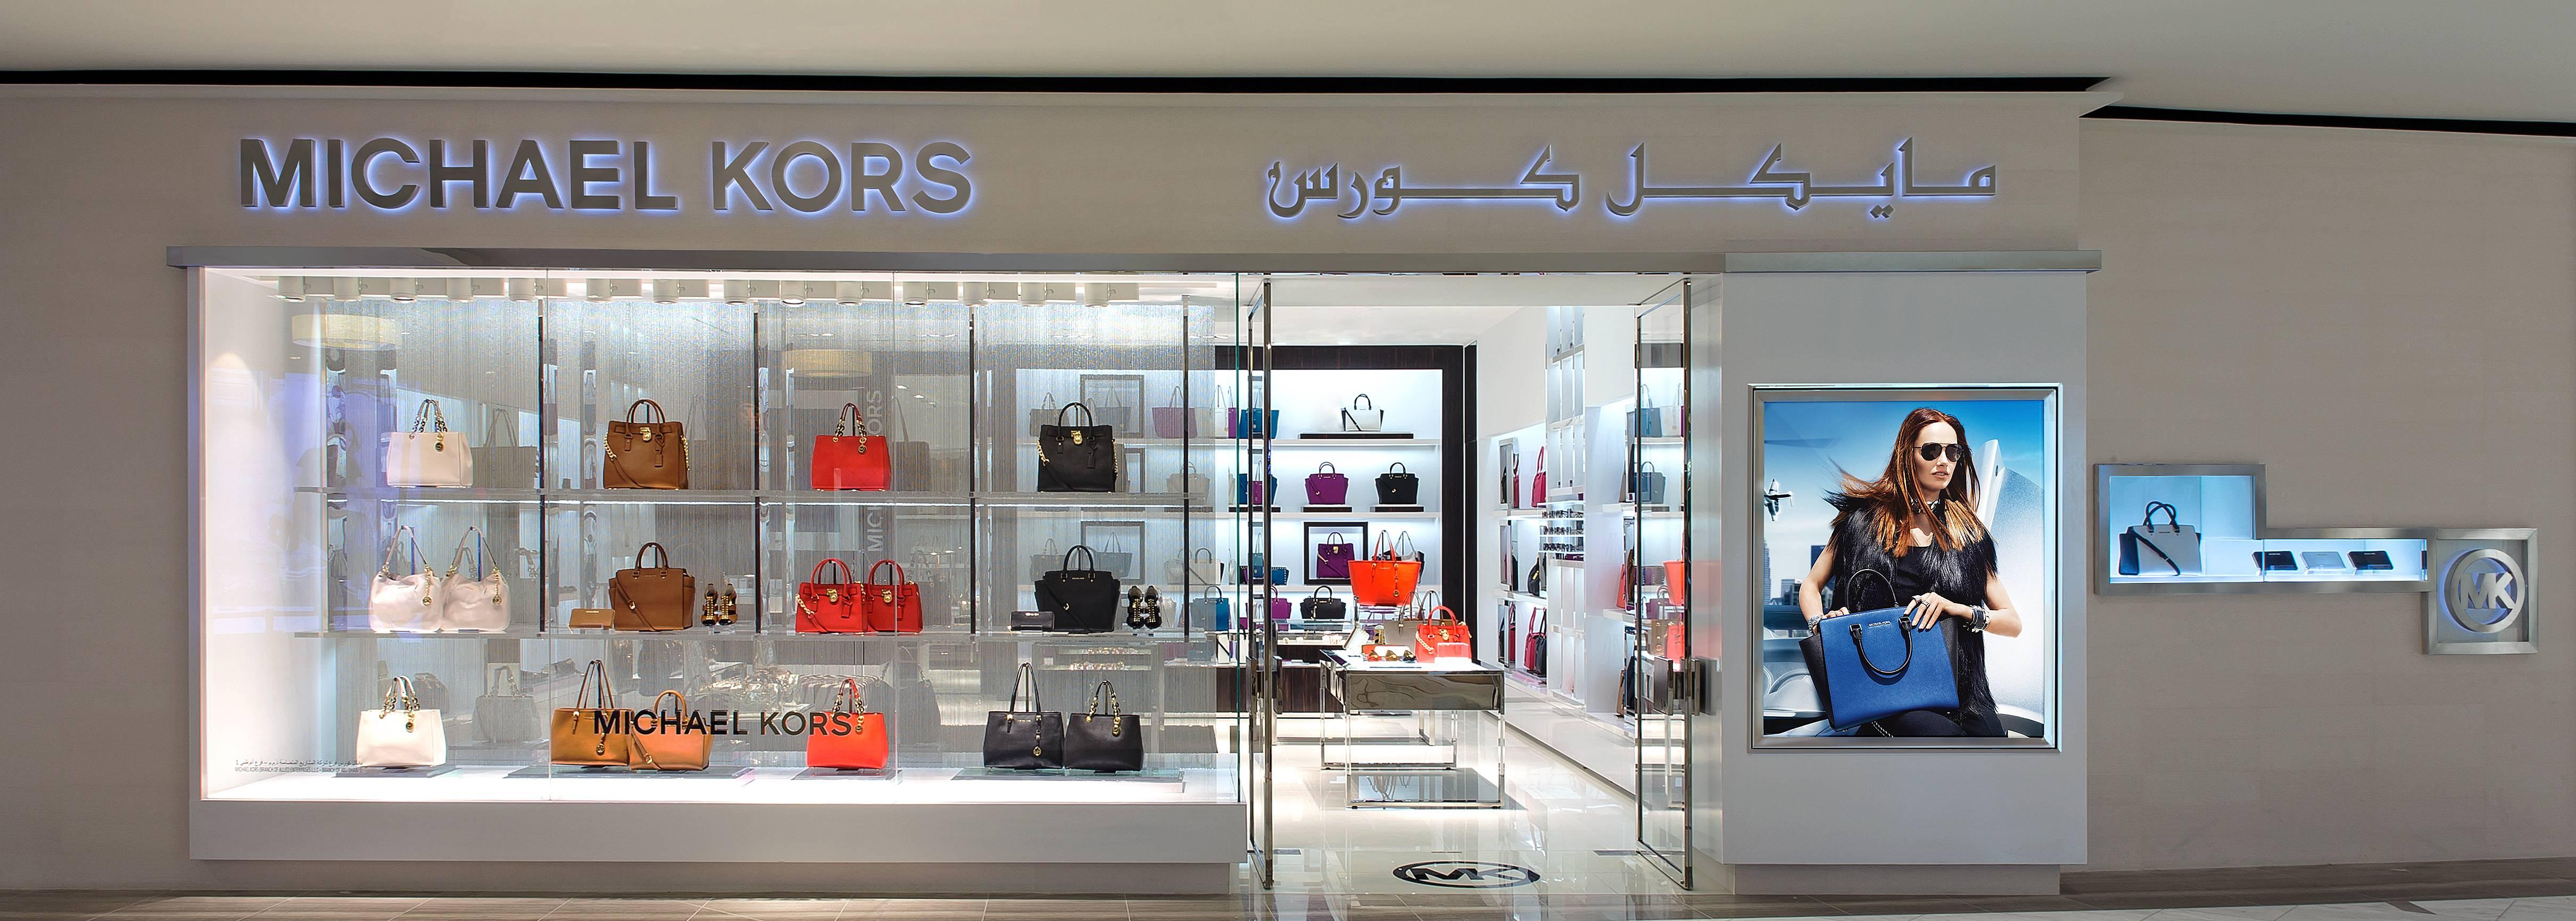 Michael Kors_The Galleria Exterior